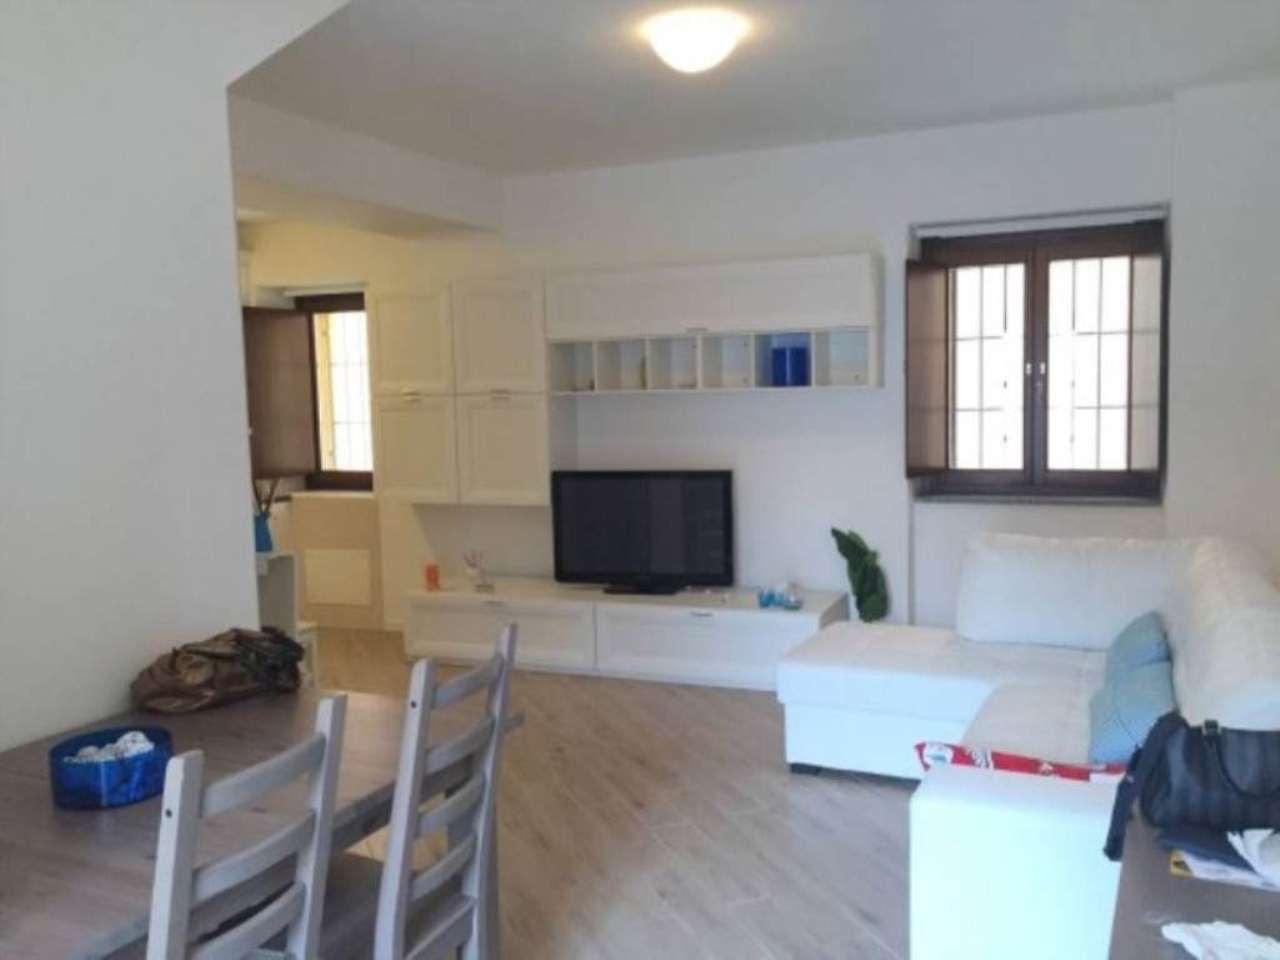 Appartamento in vendita a Robbiate, 2 locali, prezzo € 110.000 | CambioCasa.it